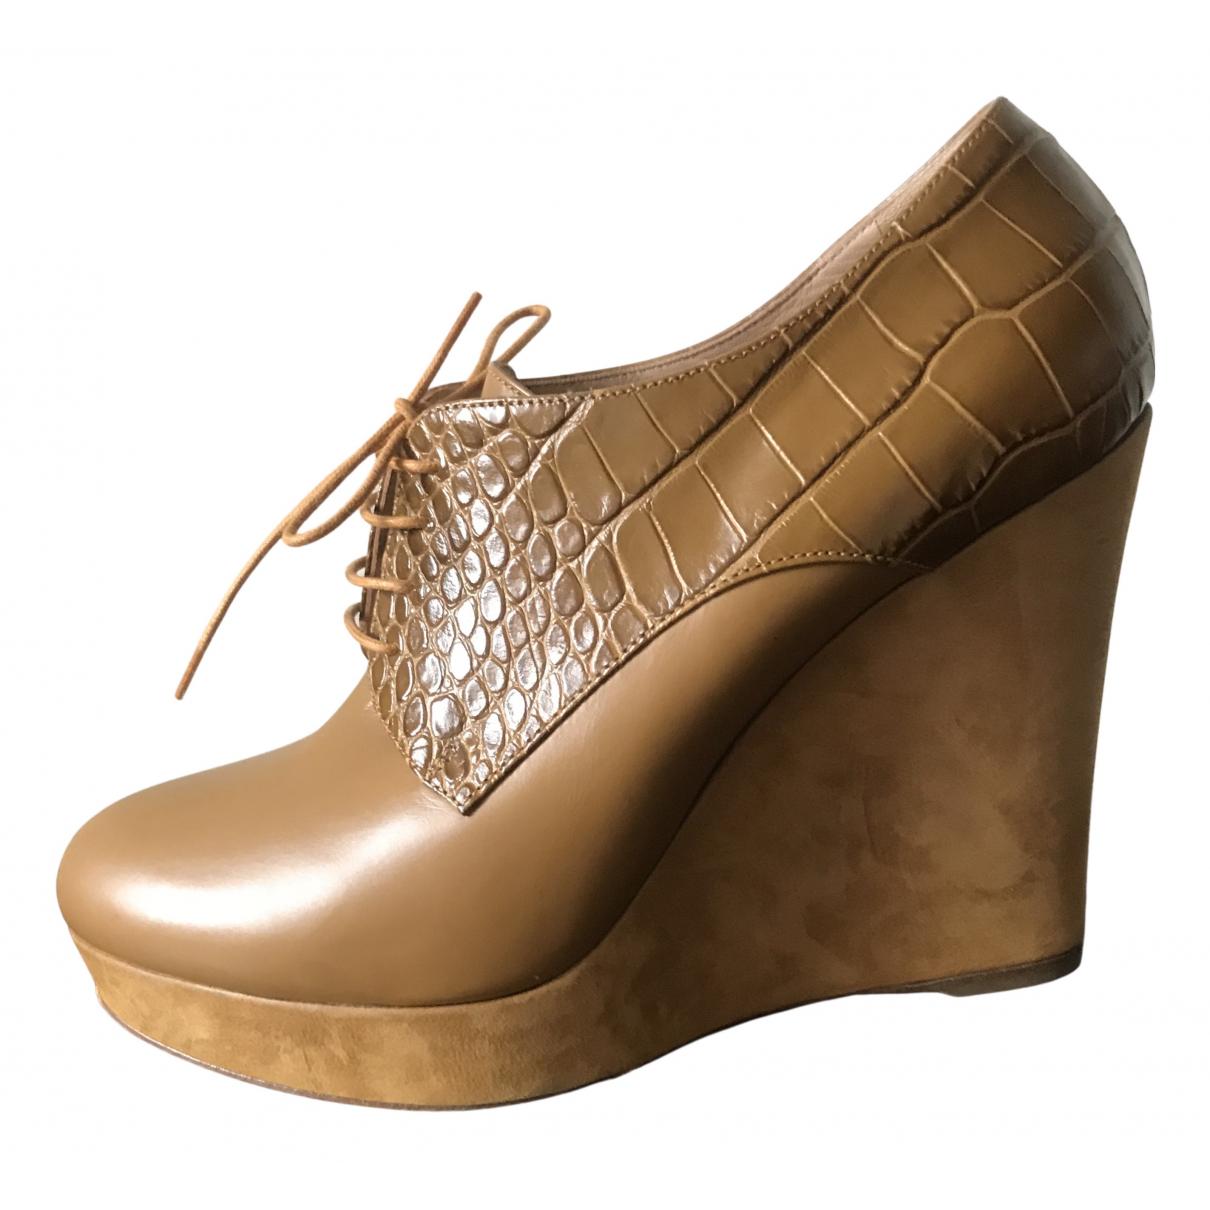 Longchamp - Boots   pour femme en cuir - camel